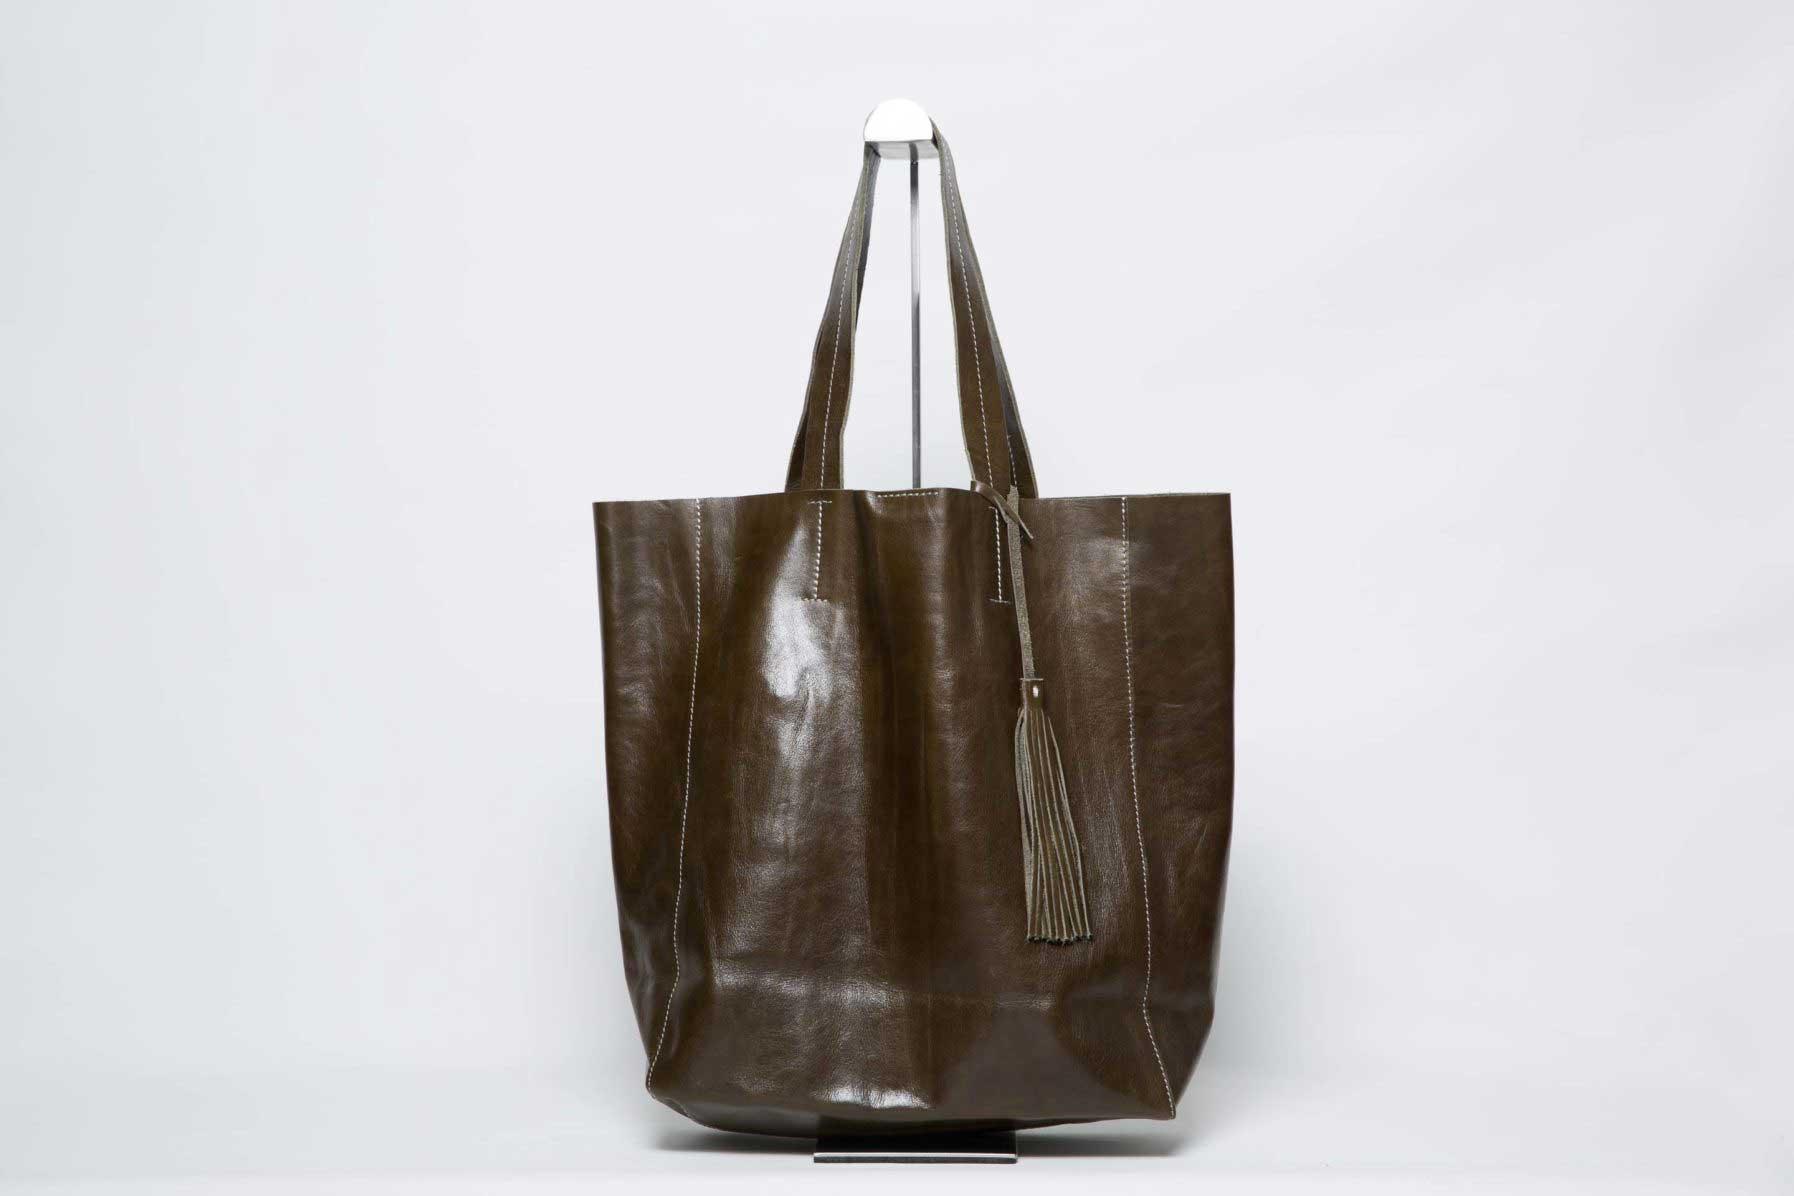 Sac Grand Shopper En Cuir Bronze - avec pompon - ordinari.shop